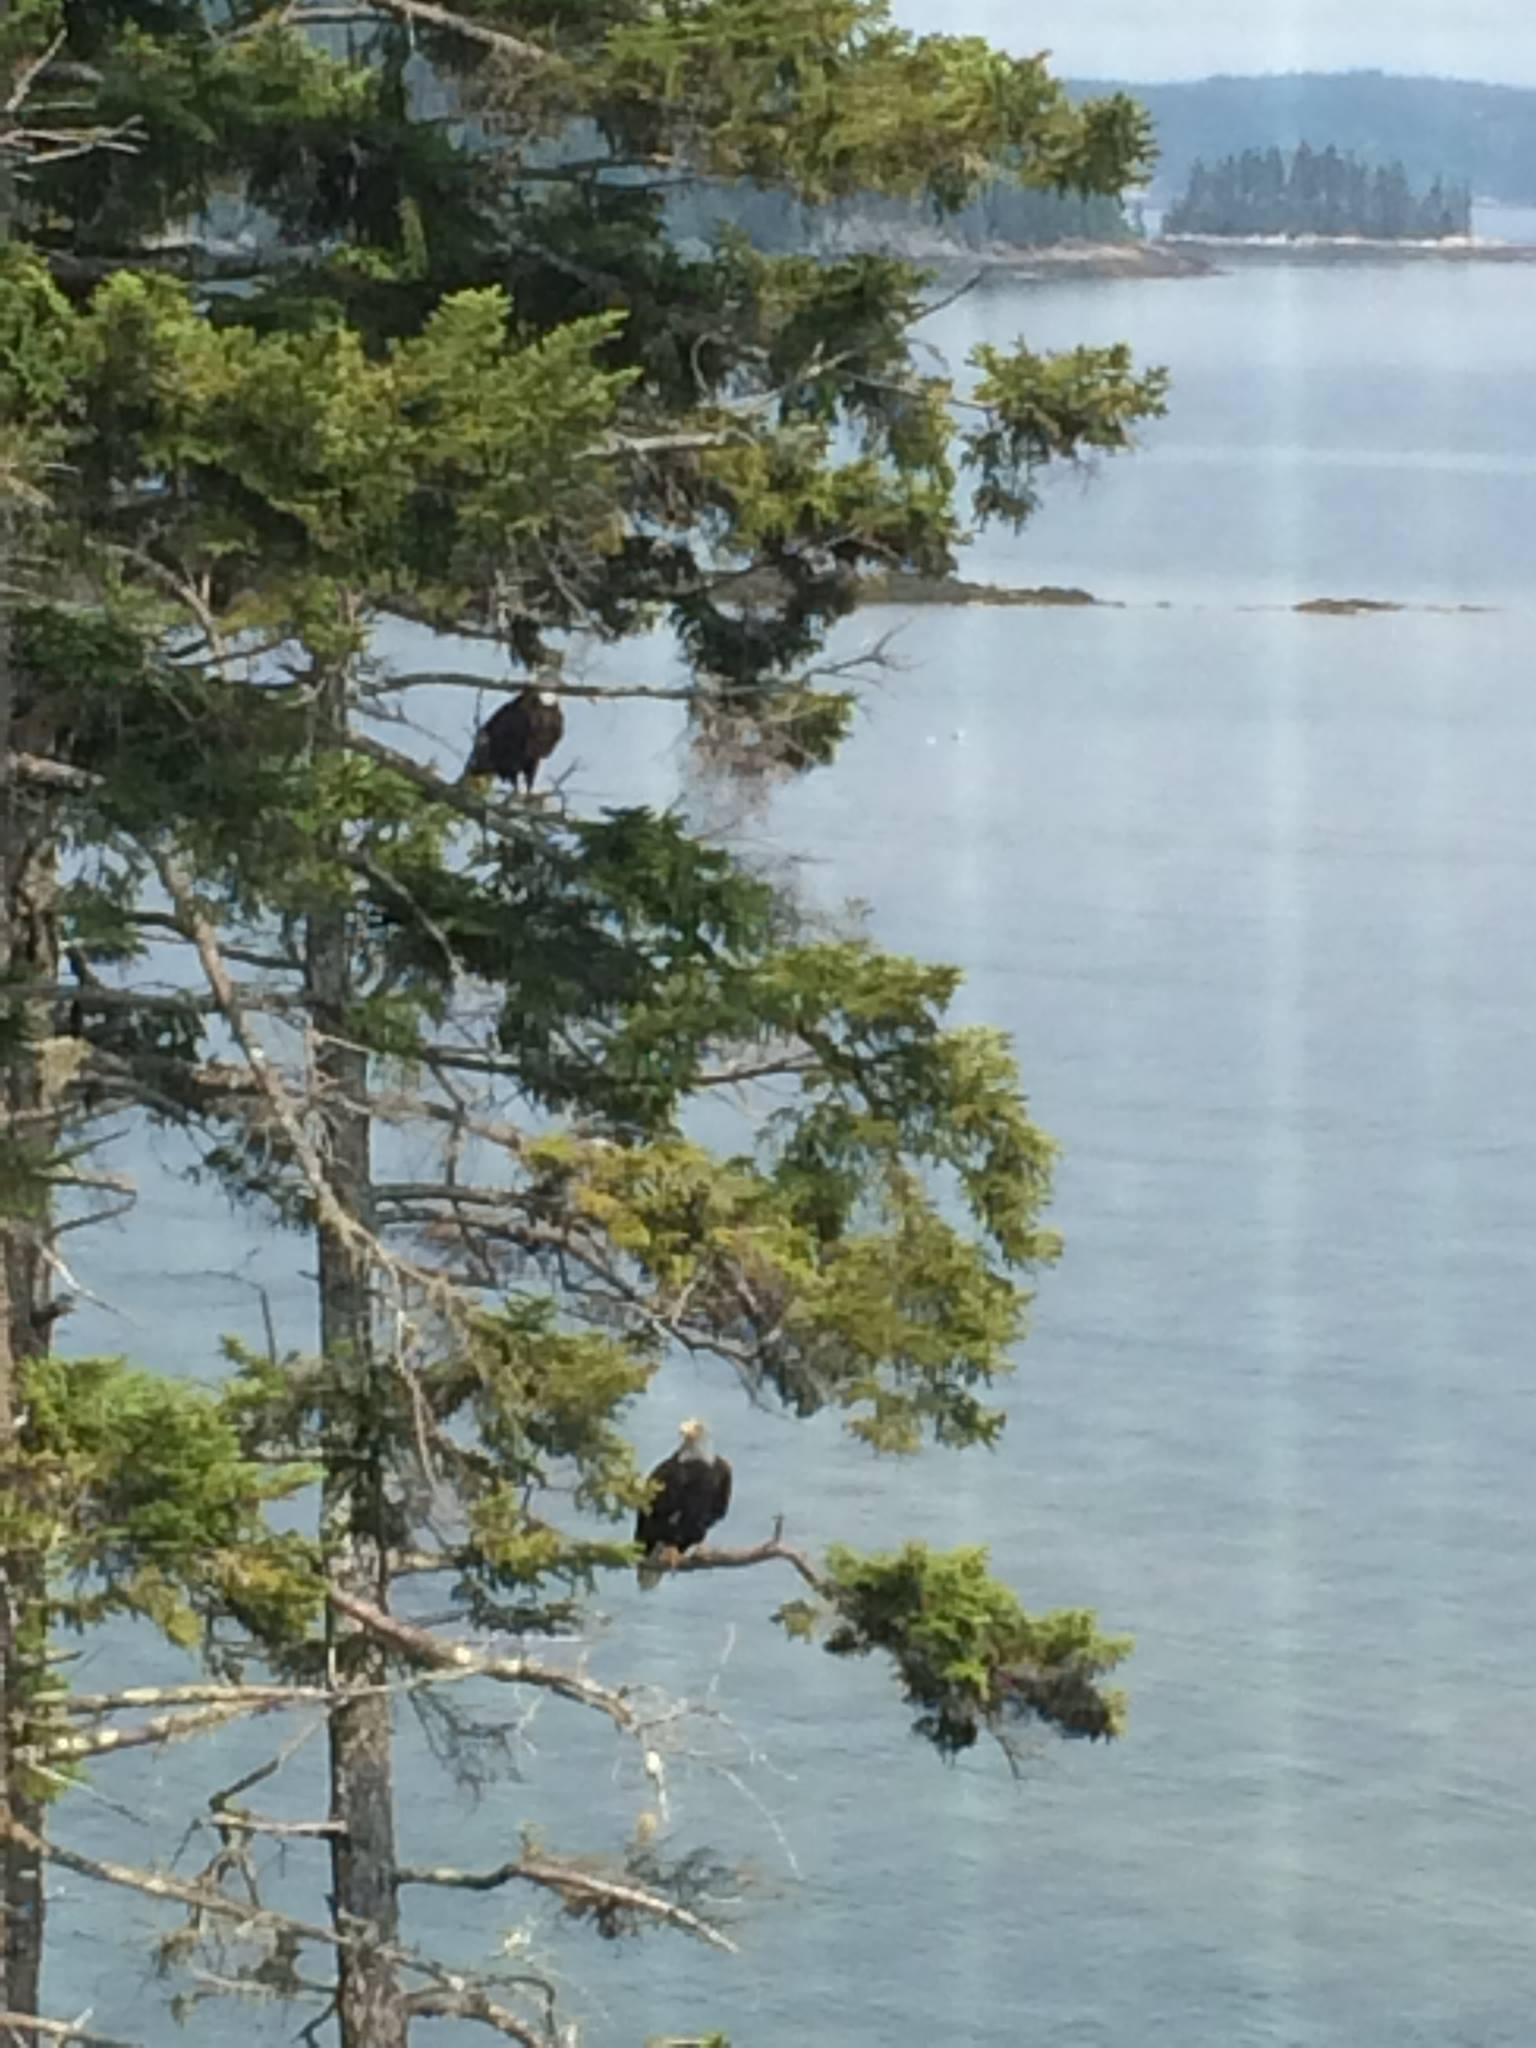 eagles in trees.jpg